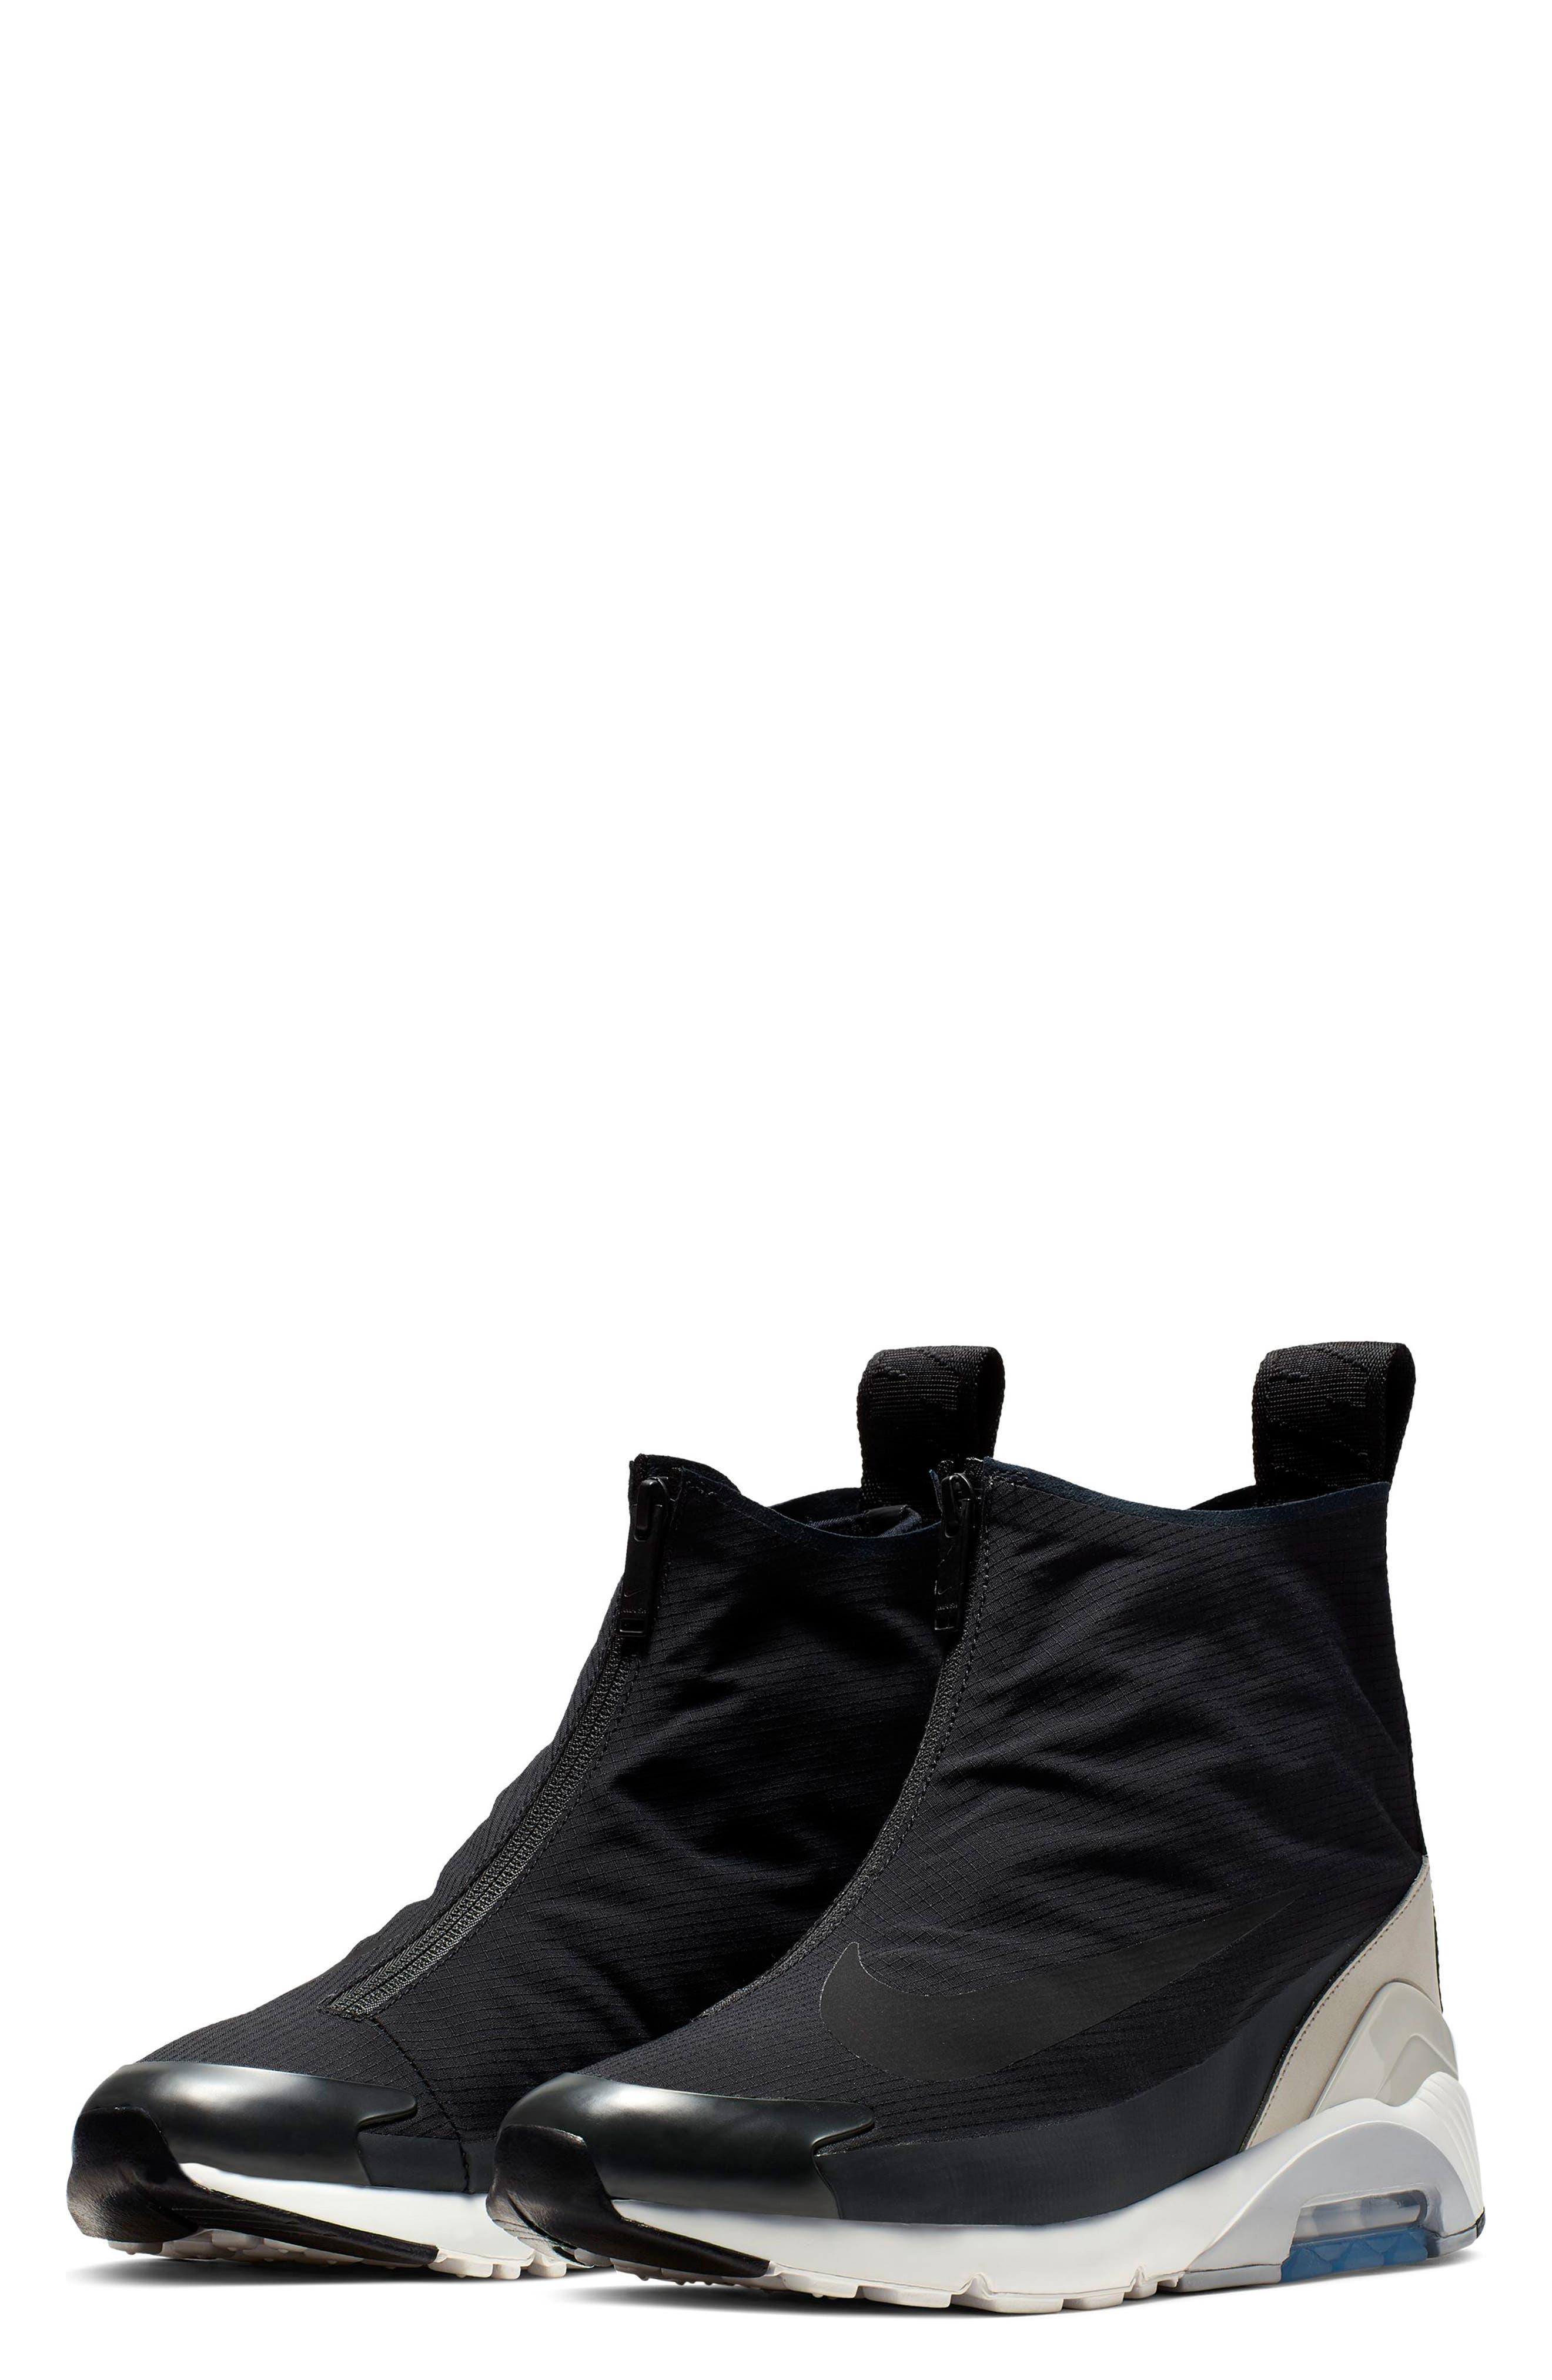 Nike x Ambush Air Max 180 High Sneaker